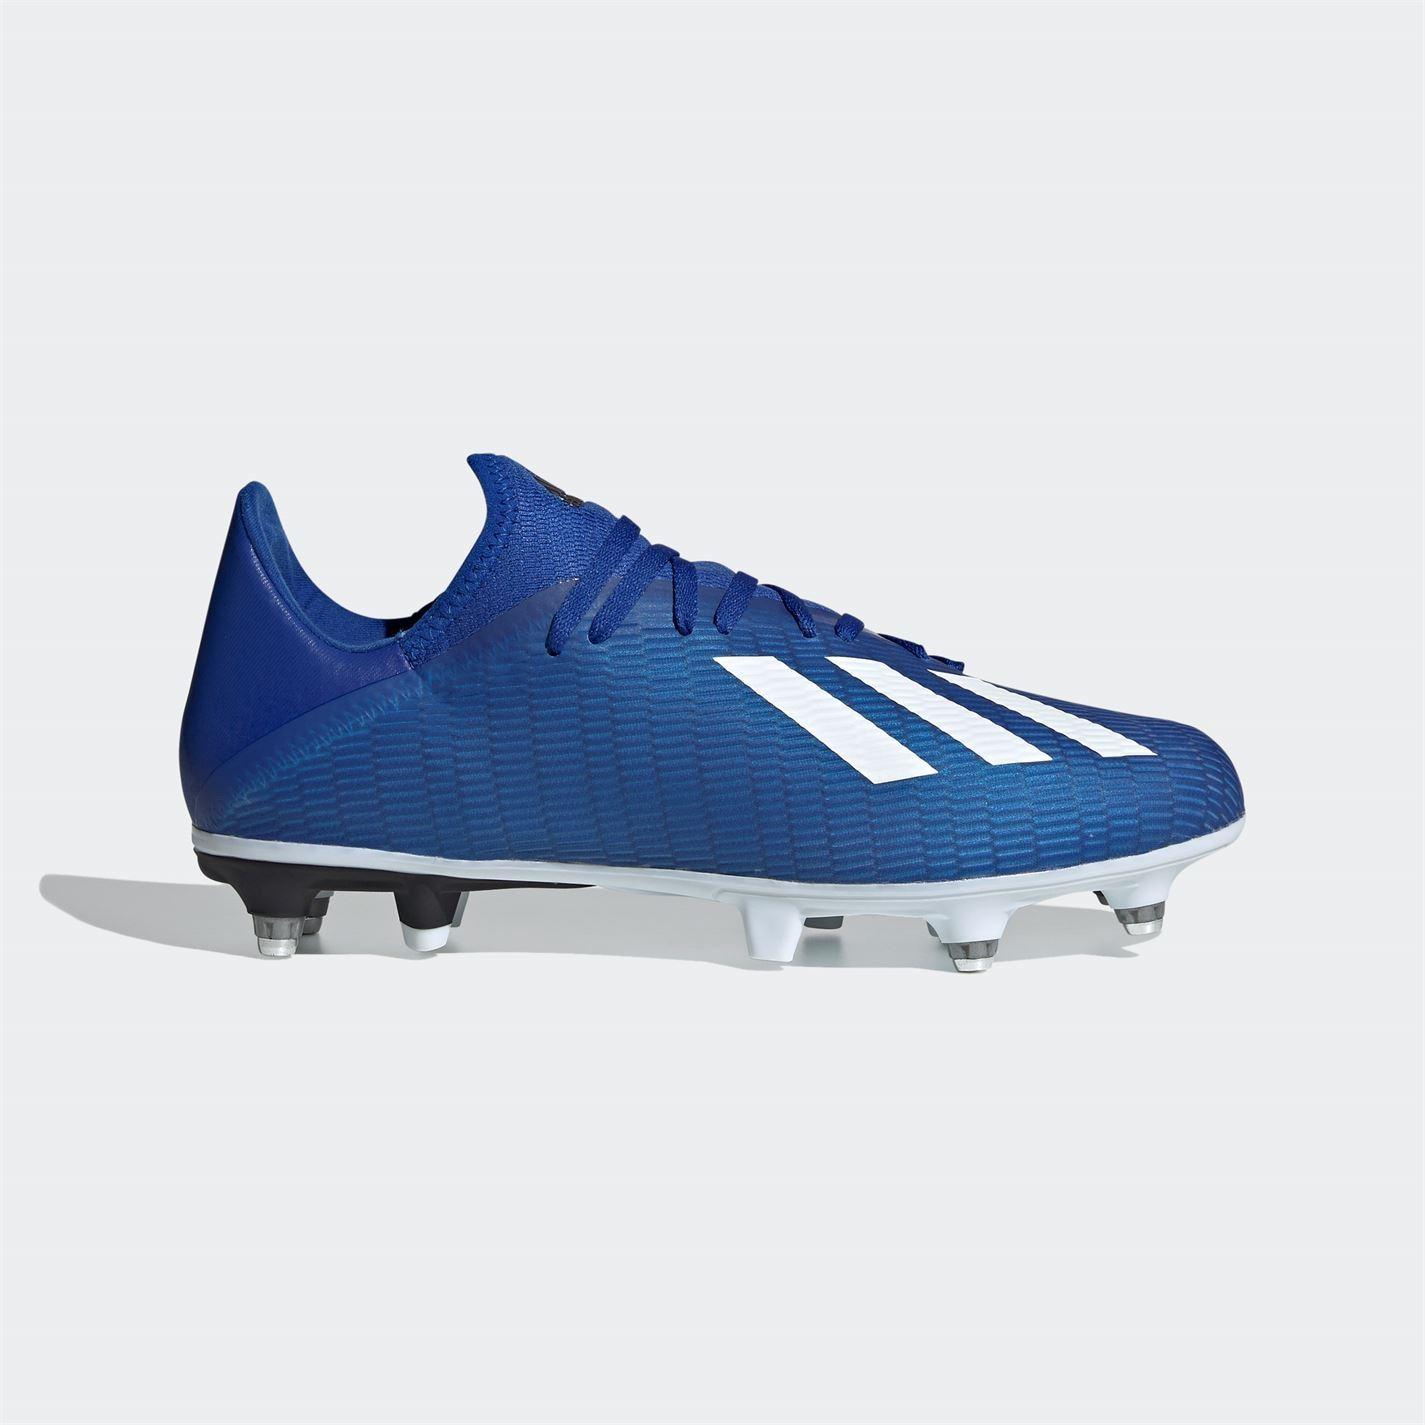 Adidas-X-19-3-Homme-SG-Terrain-Souple-Chaussures-De-Football-Chaussures-de-Foot-Crampons-Baskets miniature 10